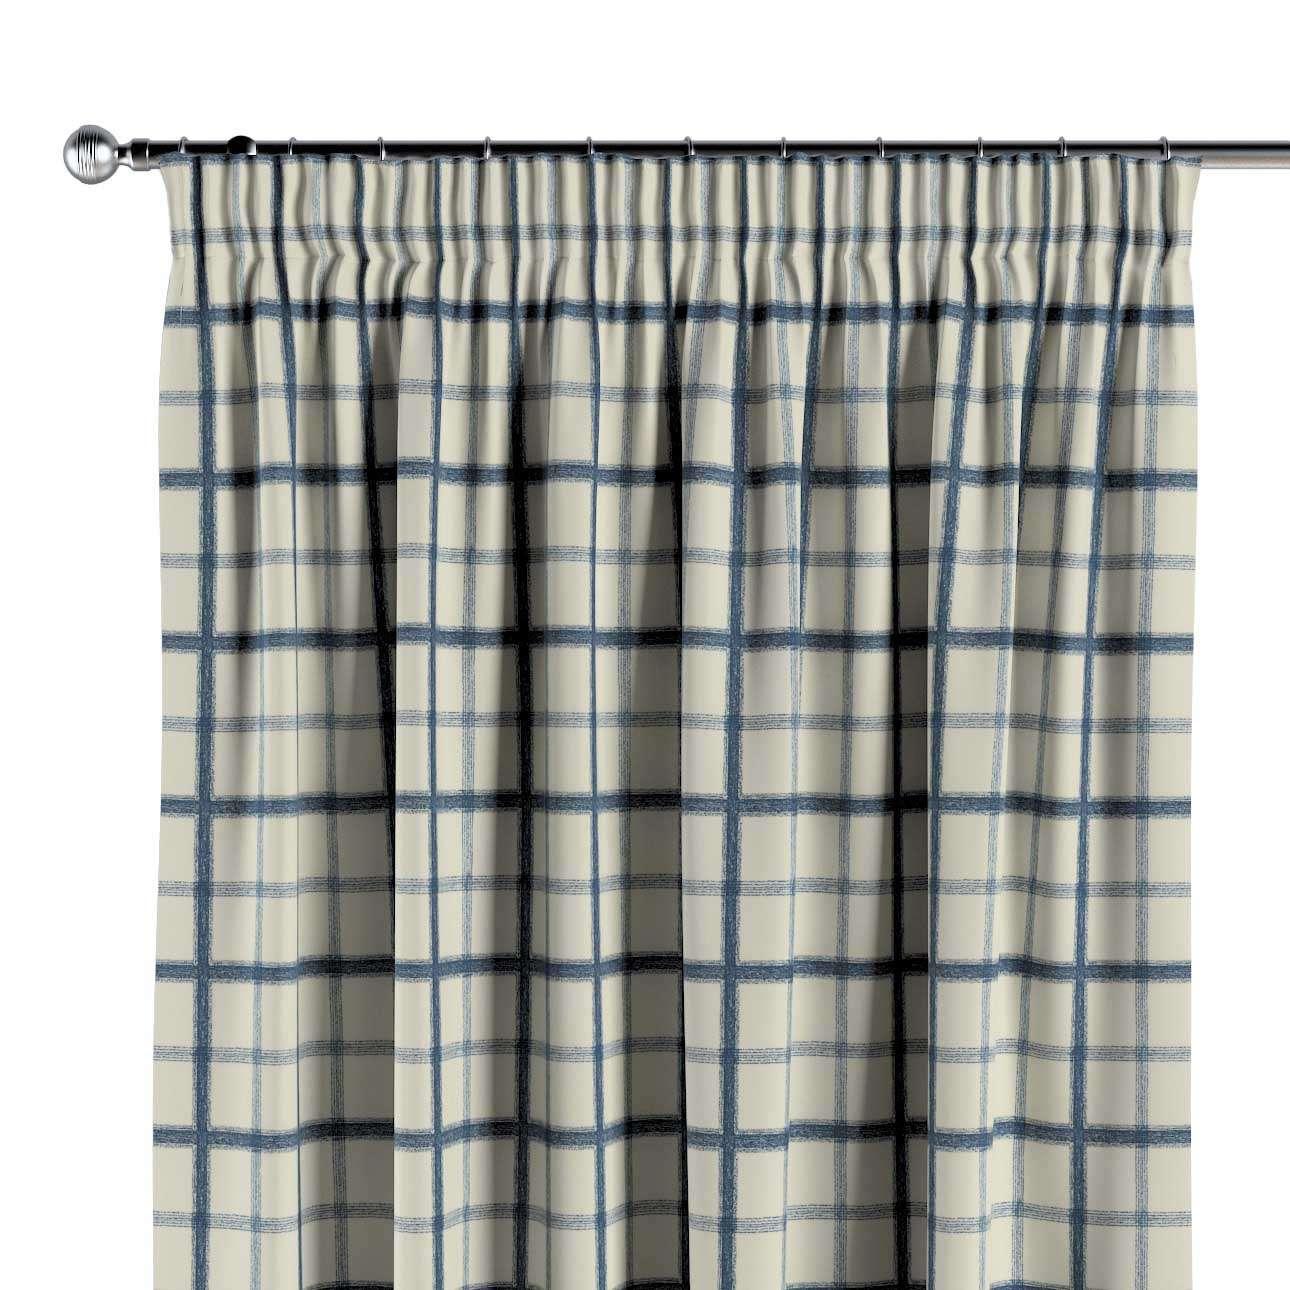 Vorhang mit Kräuselband 130 x 260 cm von der Kollektion Avinon, Stoff: 131-66